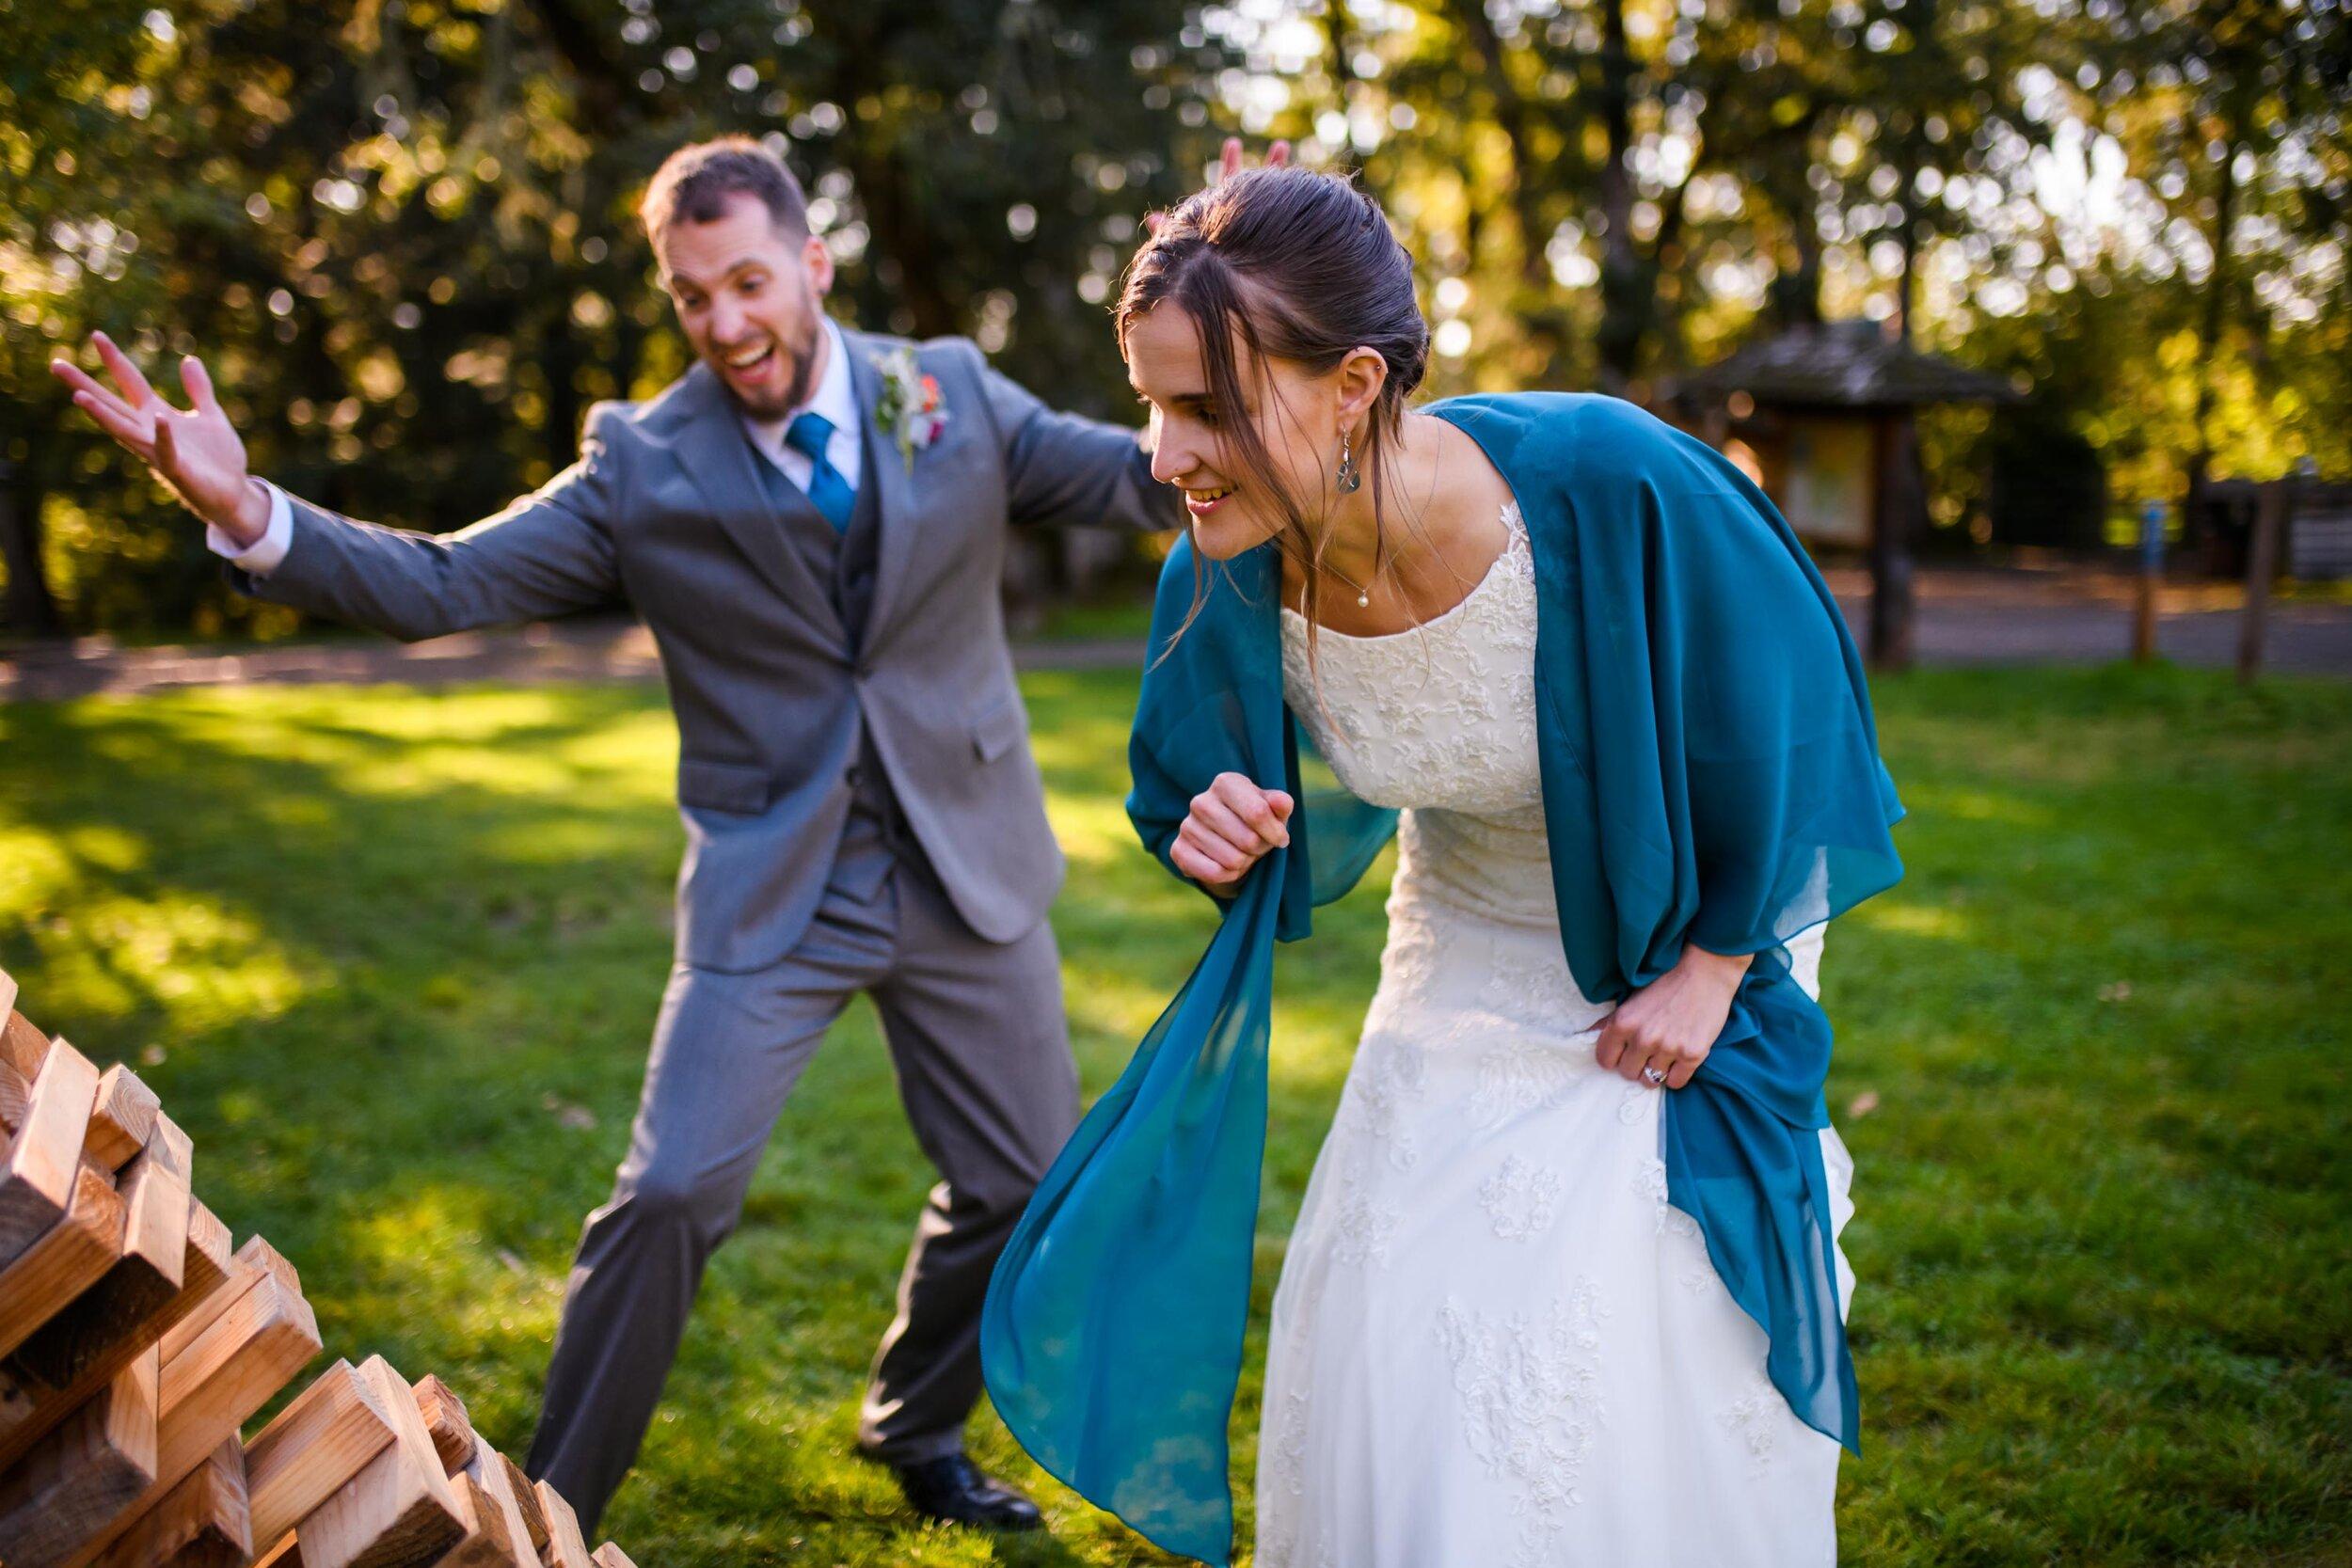 Mt. Pisgah Arboretum wedding photos 93.JPG